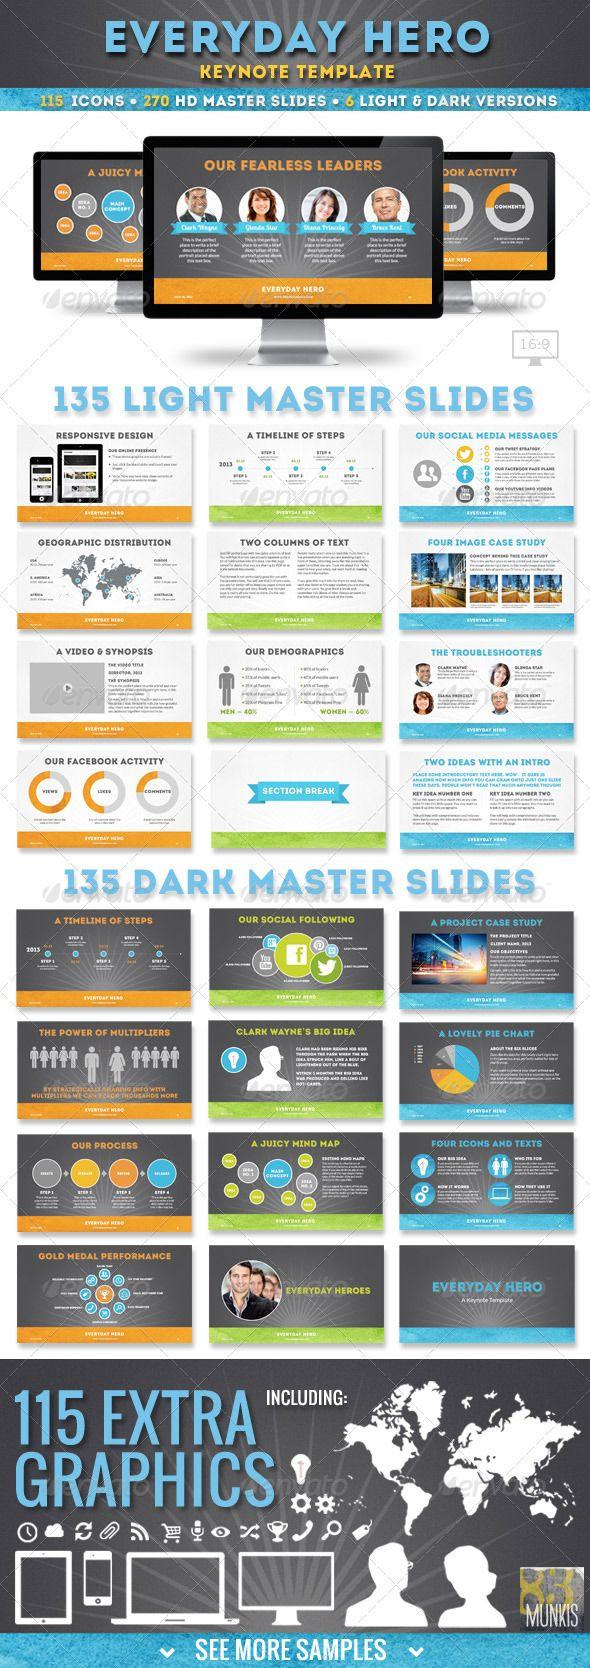 21 best keynote design is images on pinterest keynote design everyday hero keynote presentation template toneelgroepblik Choice Image